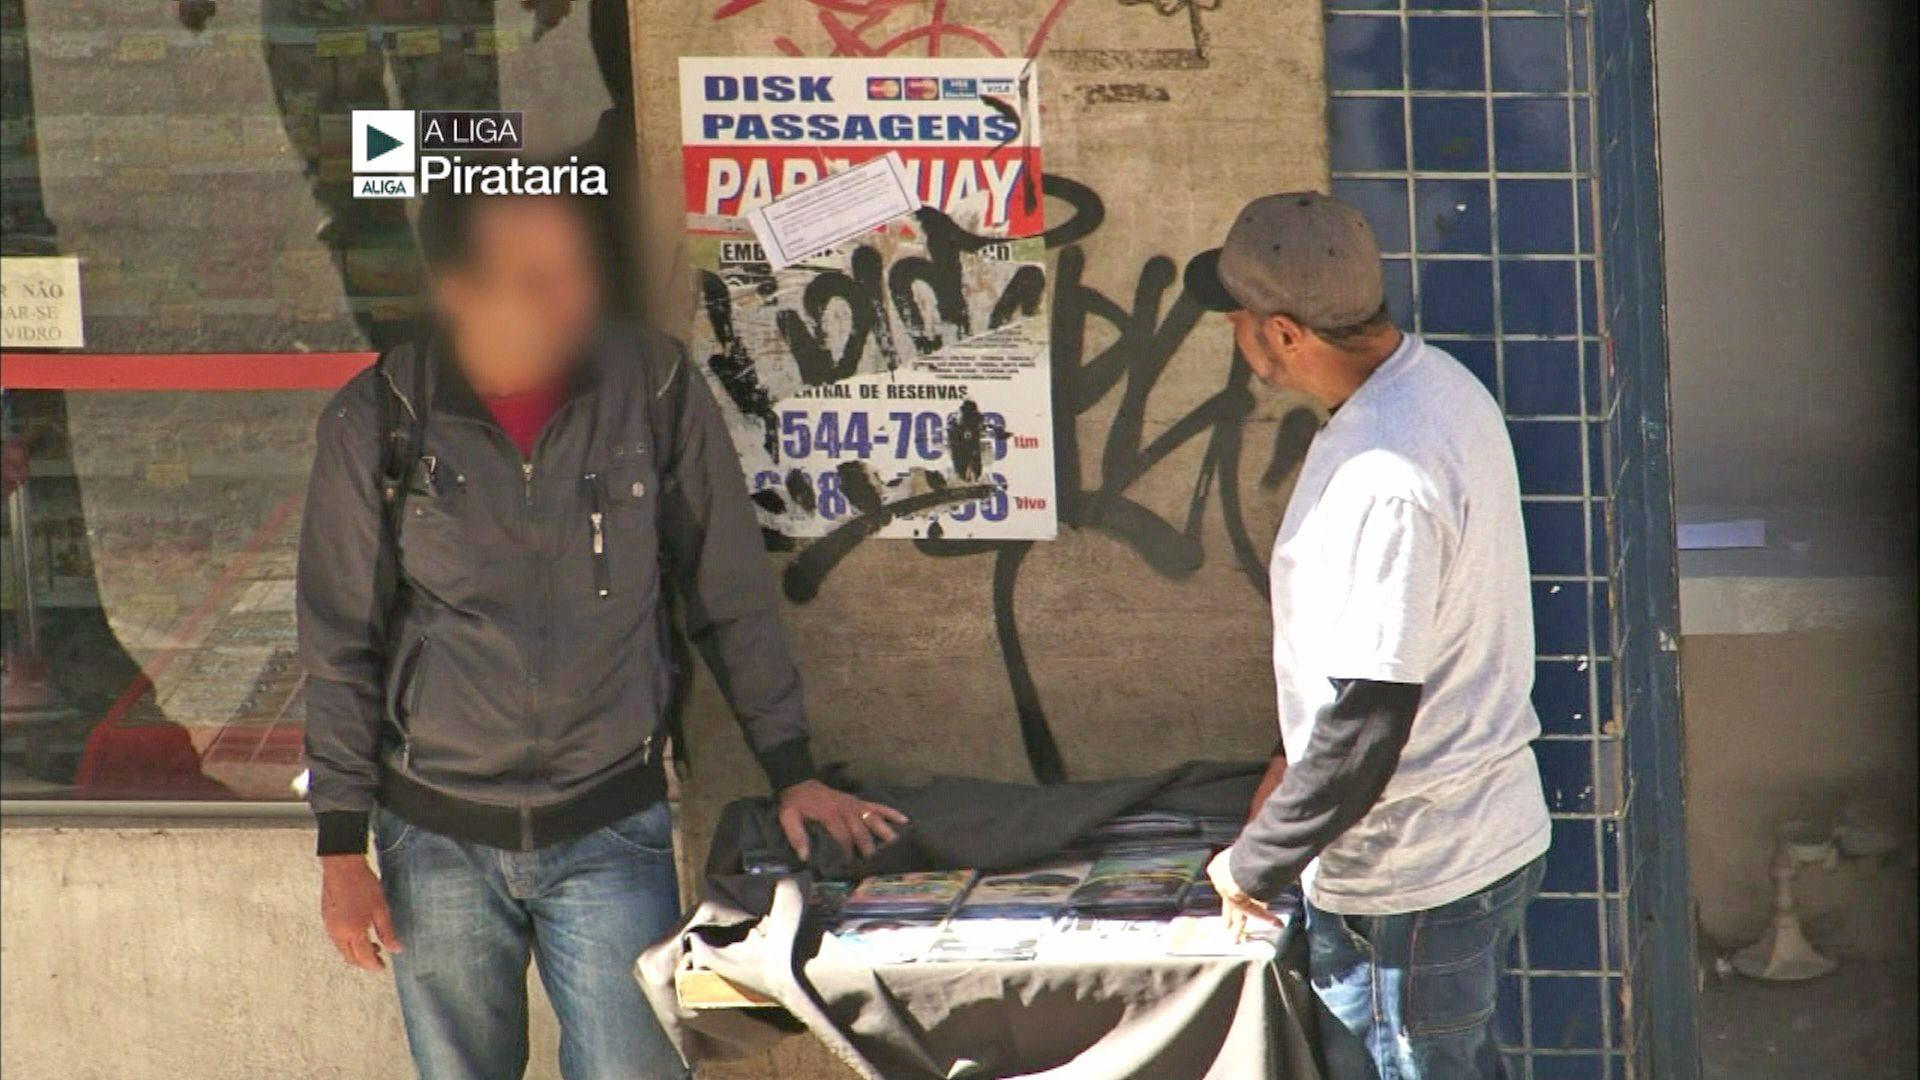 A Liga investiga a pirataria e a prostituição na 3ª idade